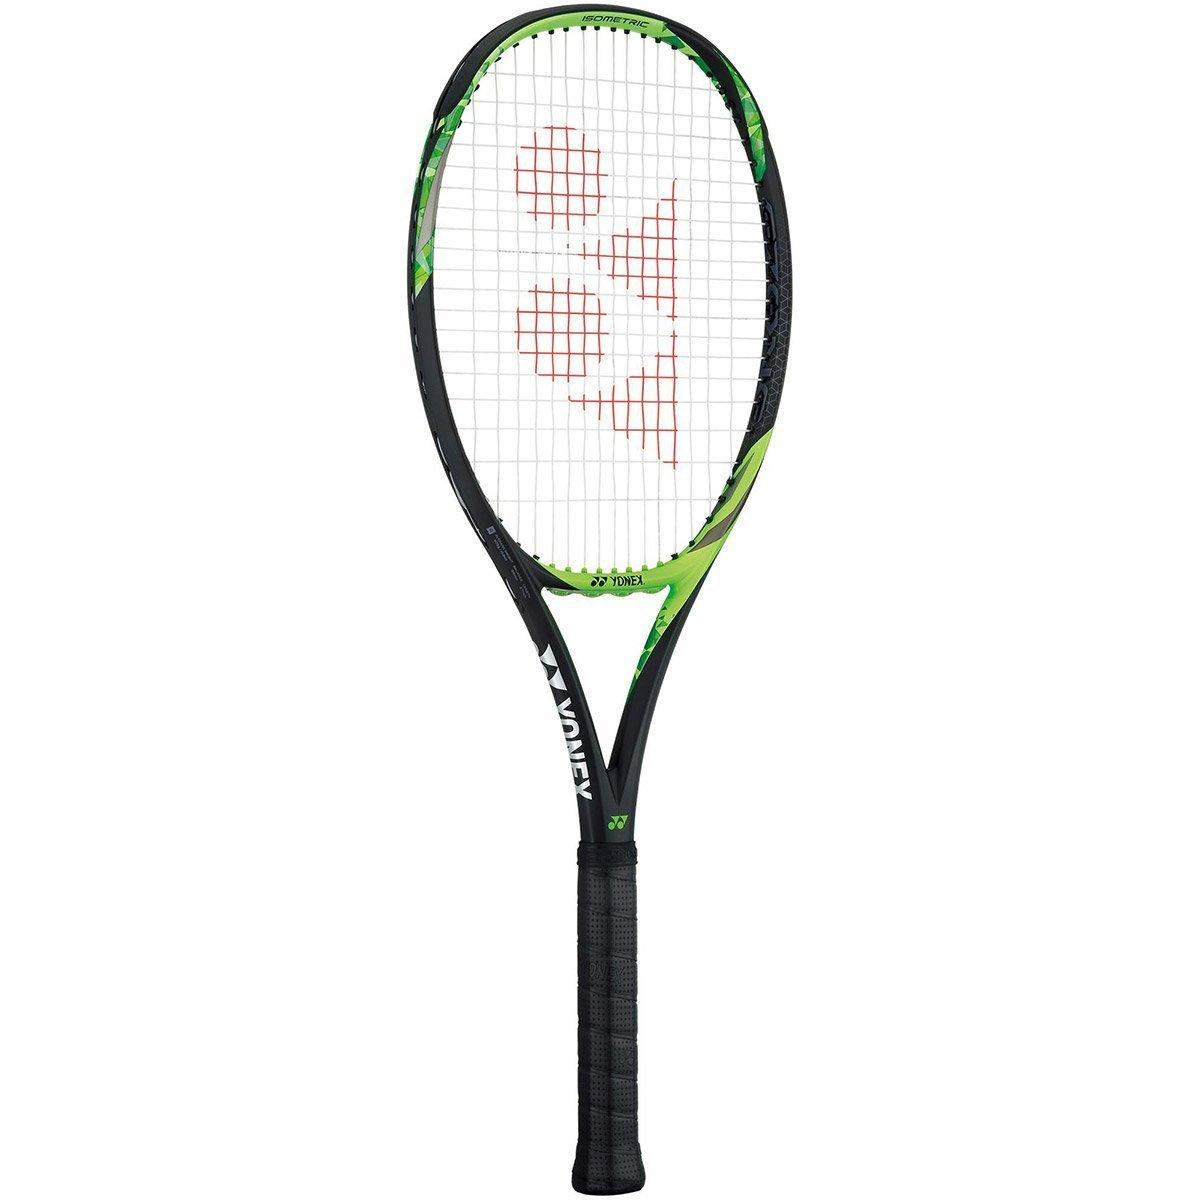 ヨネックスEZONE 100 (2017年モデル – 300 g) ライムグリーン/ブラックテニスラケットStrung withカスタムラケット文字列色(Enhanced Sweetspot &振動Reduction) B07DP4WQ5G 4 5/8-inch|Pink String Pink String 4 5/8-inch